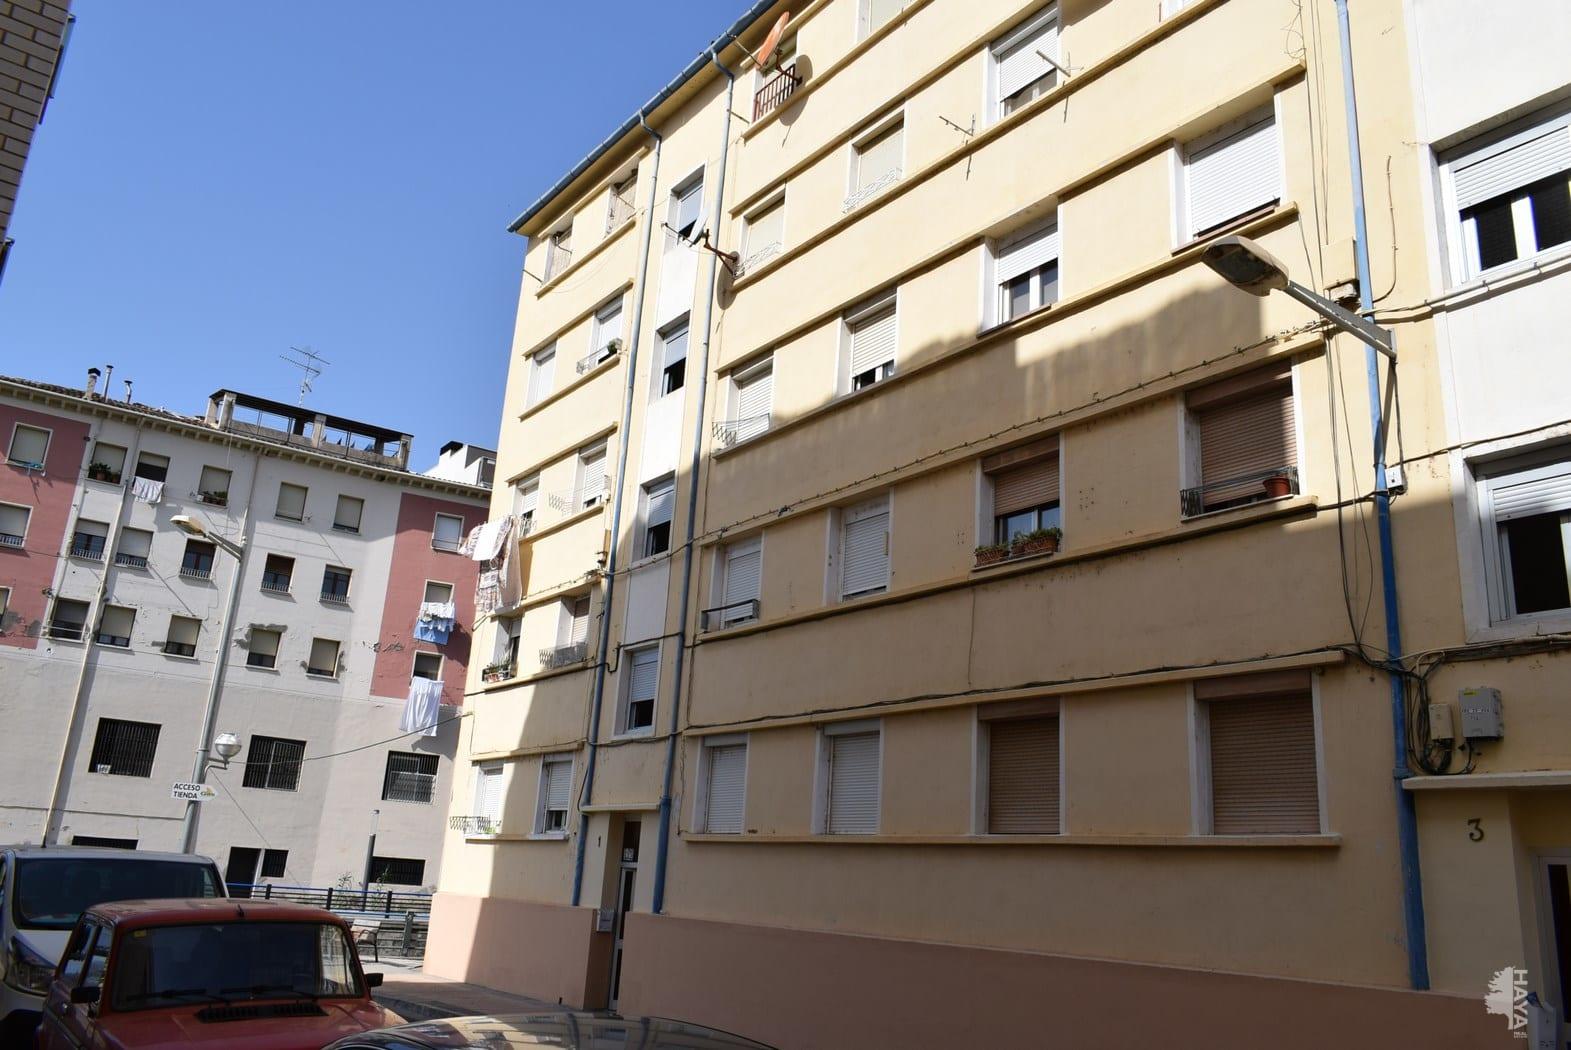 Piso en venta en Barbastro, Barbastro, Huesca, Calle Huesca, 36.000 €, 2 habitaciones, 1 baño, 90 m2